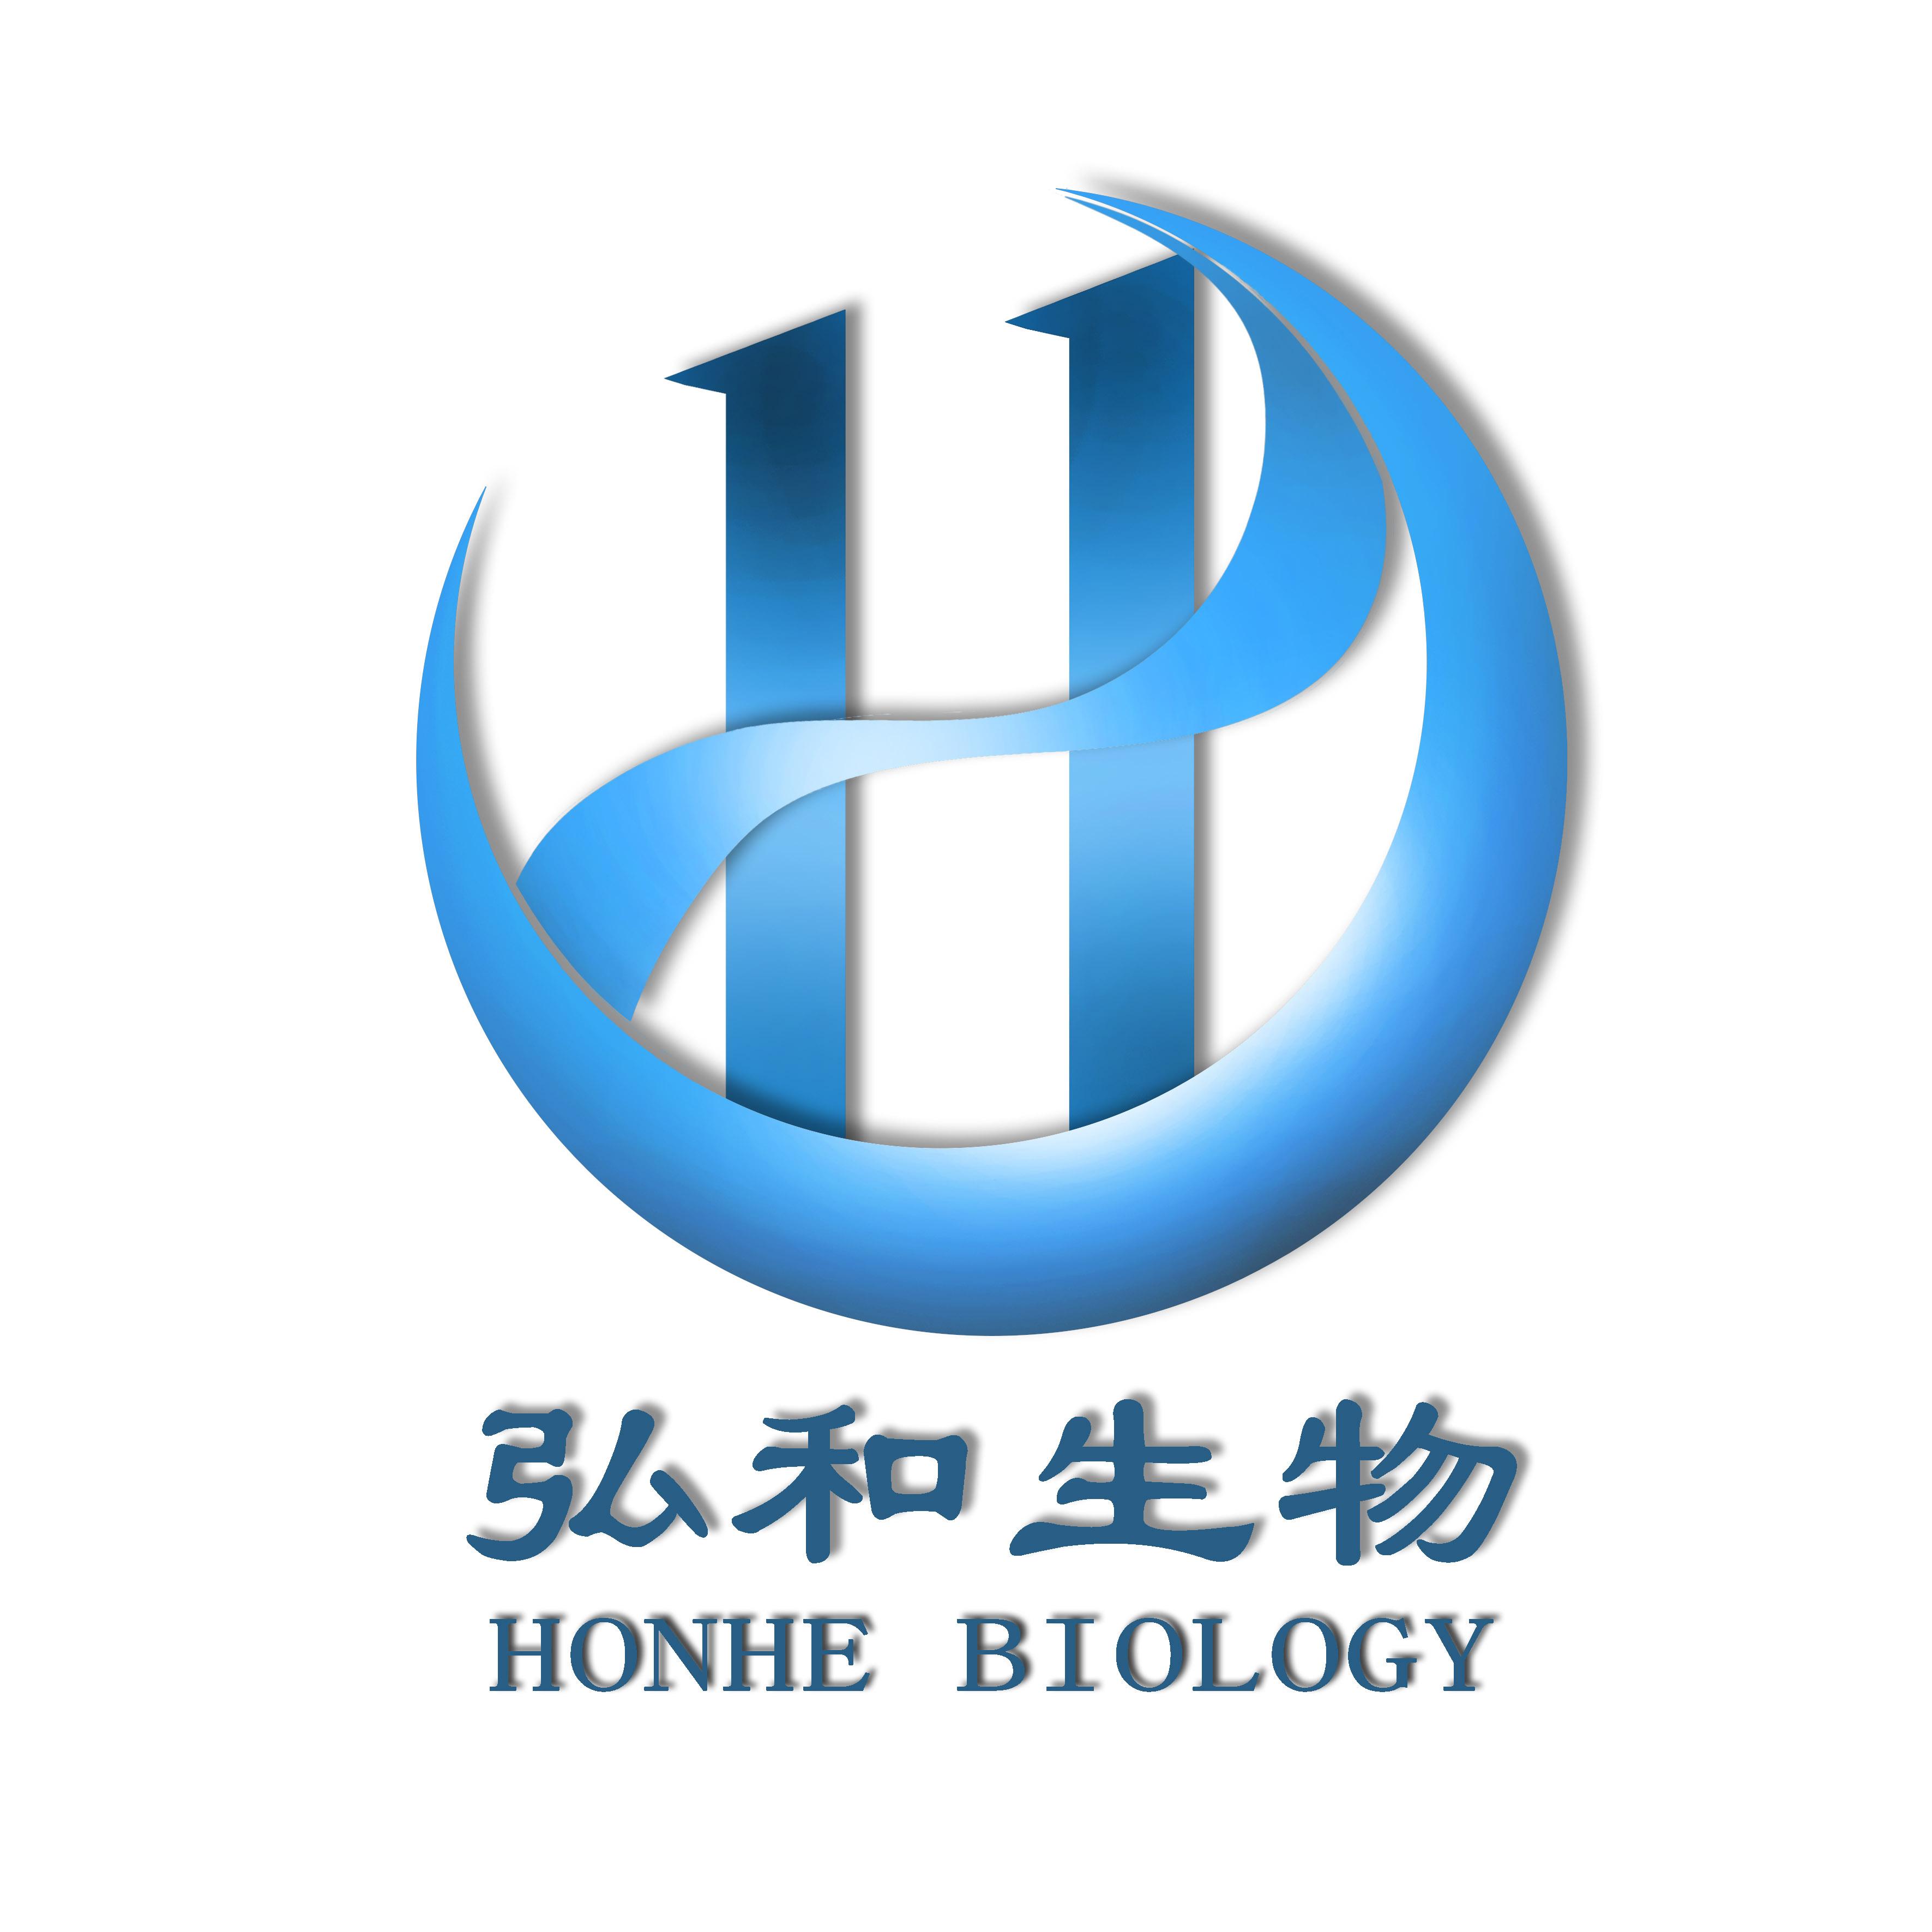 吉林省弘和生物工程有限公司